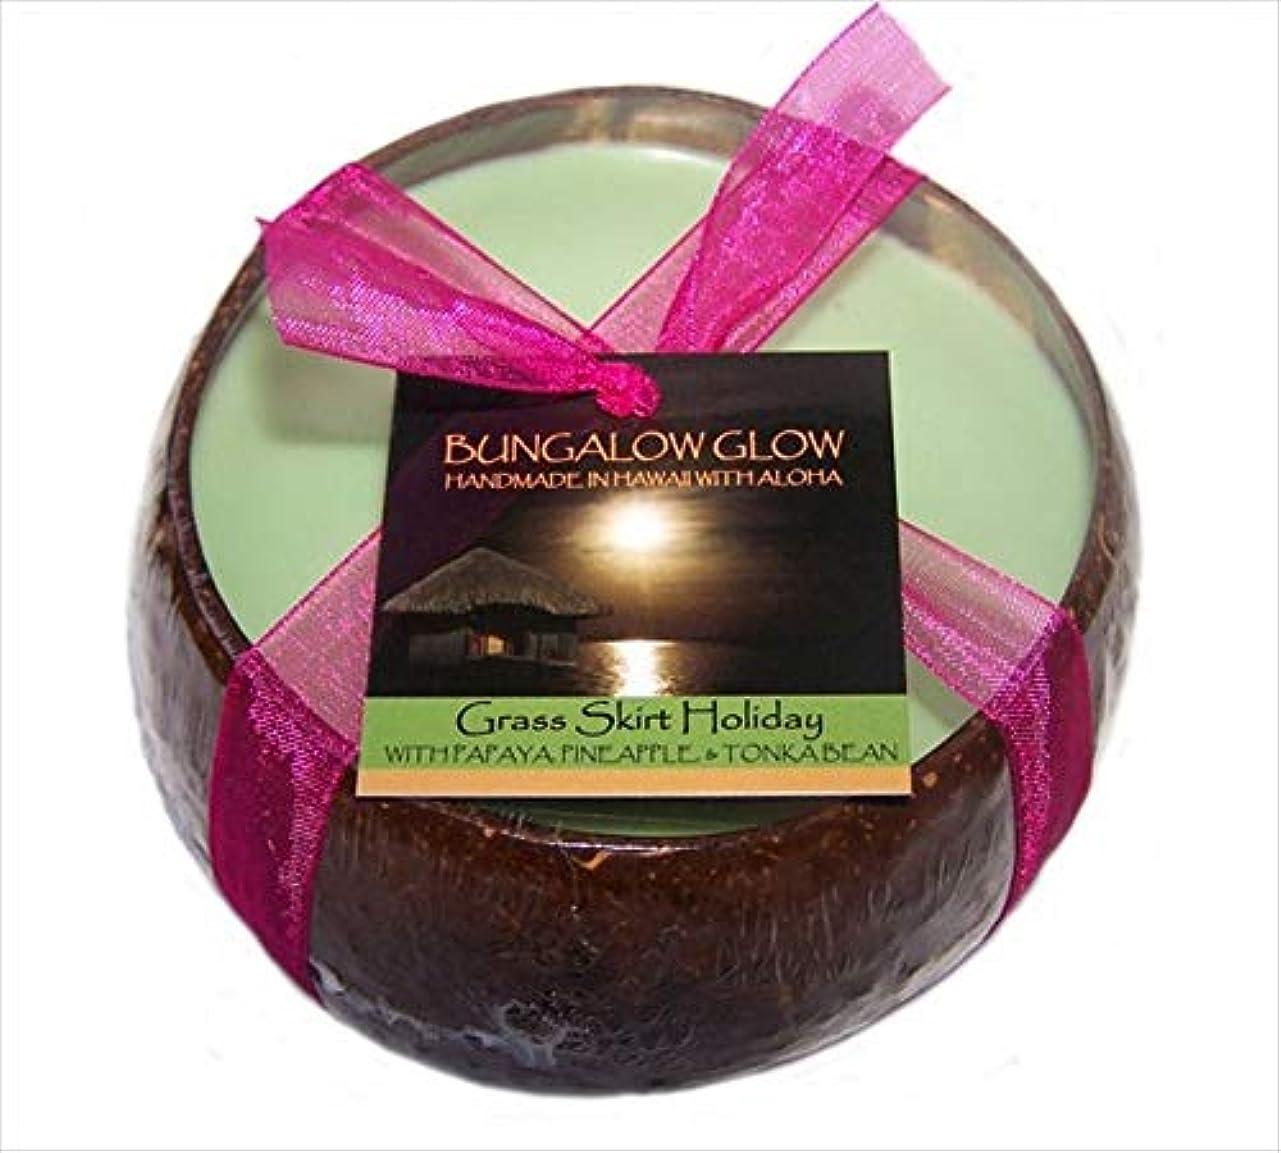 司書繁栄するゲージ【正規輸入品】 バブルシャック?ハワイ Bubble shack Coconut Shell candle ココナッツシェルキャンドル grass skirt holiday グラススカートホリデイ 500g